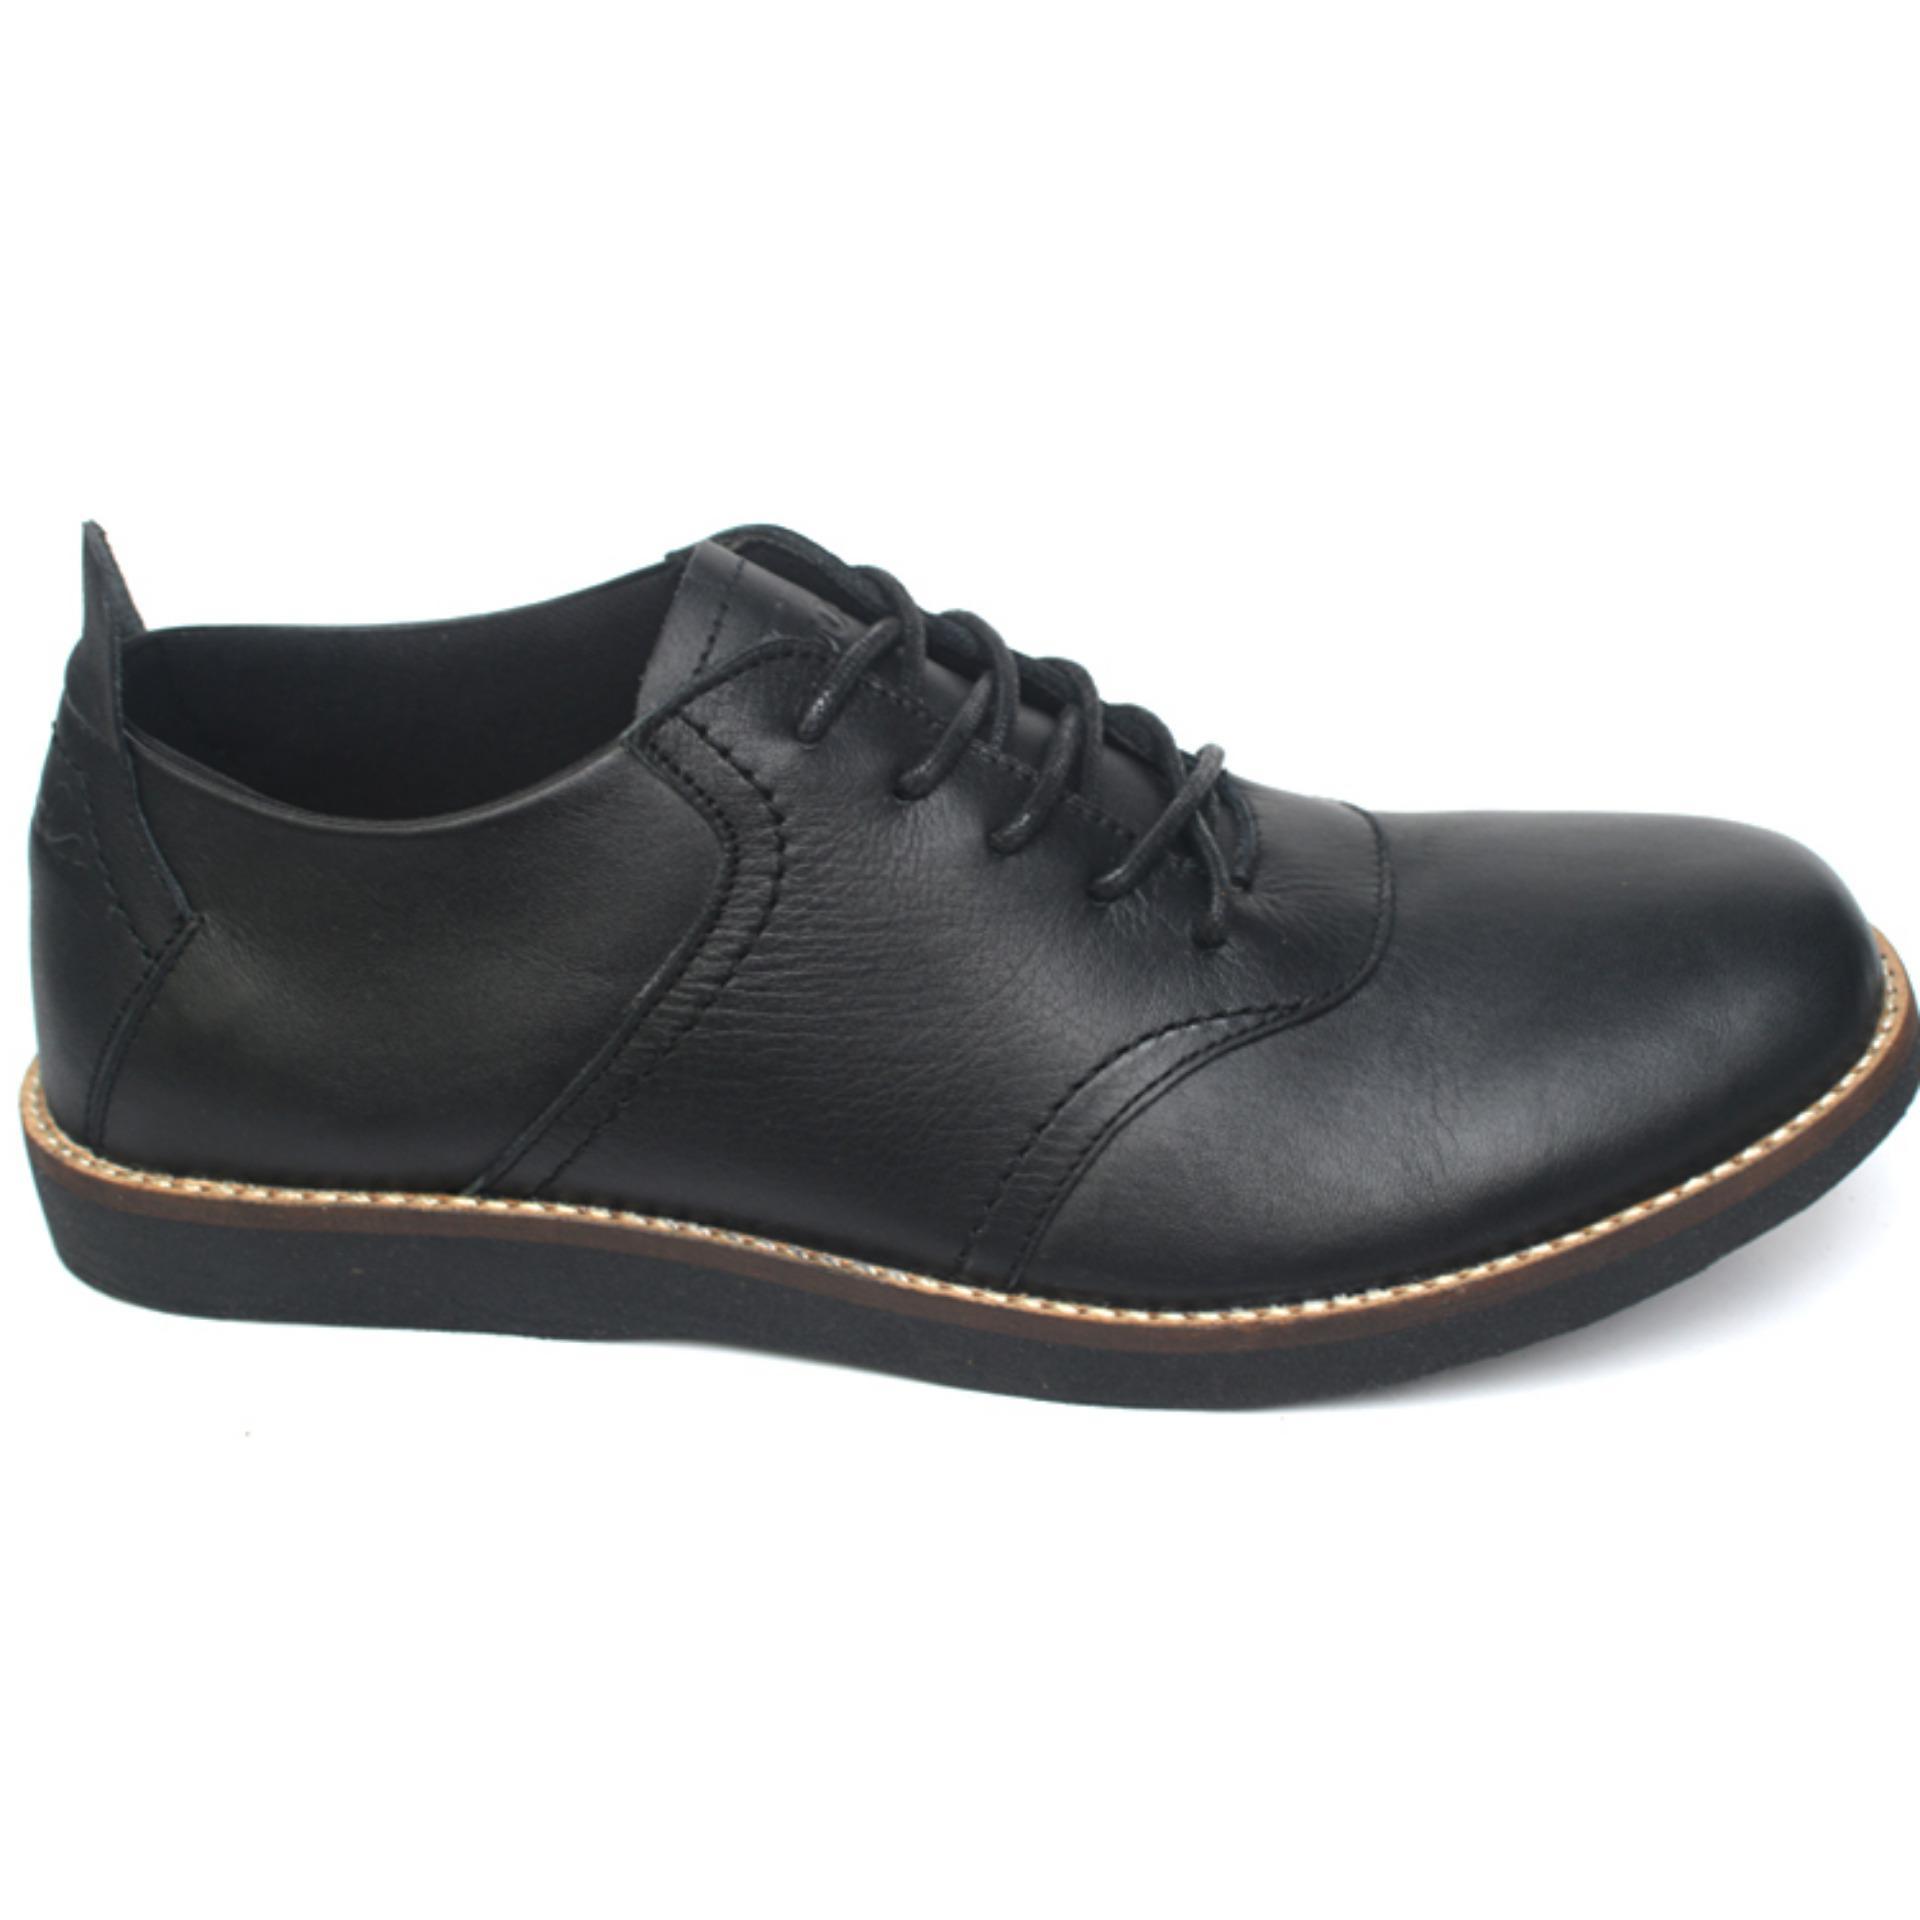 Eshop Checker Sepatu Kasual Formal Pria Kulit Asli Toods Spectre Footwear Longwing Black